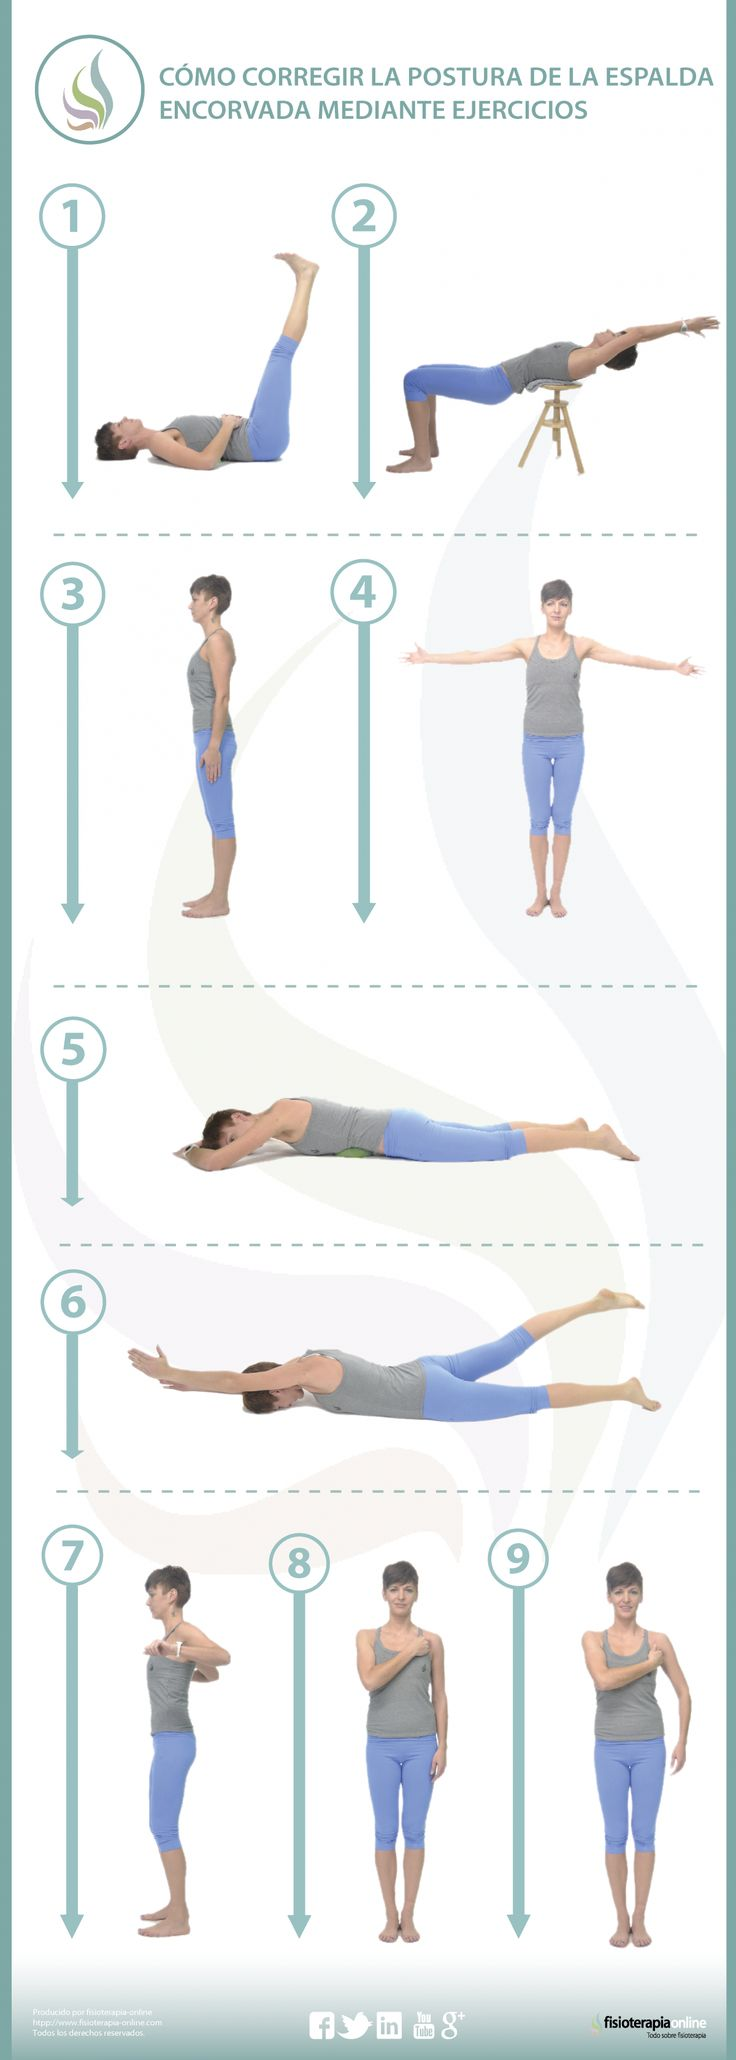 9 ejercicios para mejorar tu hipercifosis o espalda encorvada